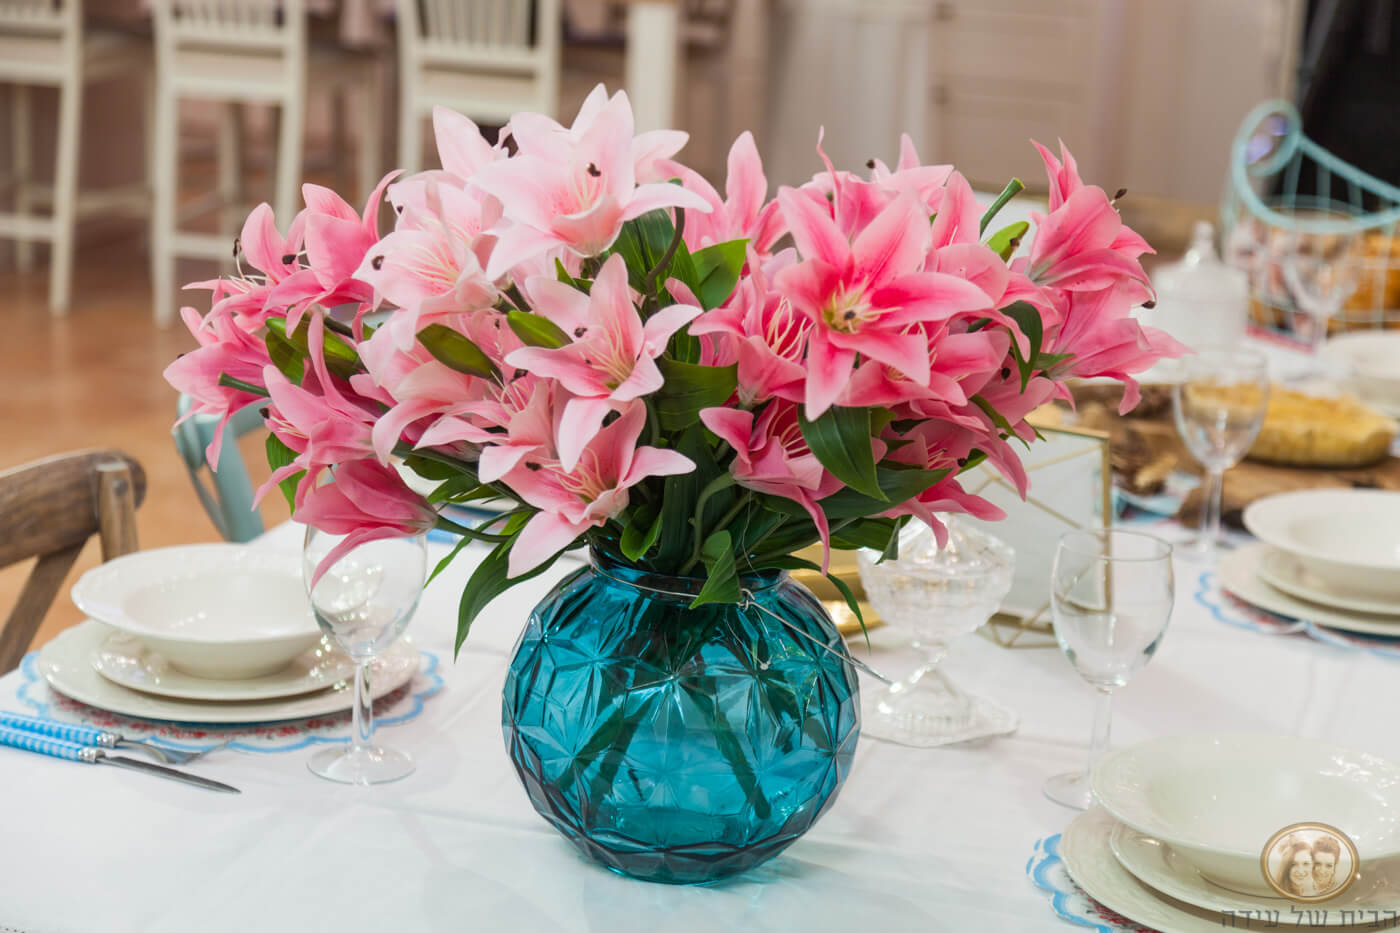 סידור פרחים מרהיב בורוד, בתוך ואזה טורקיז